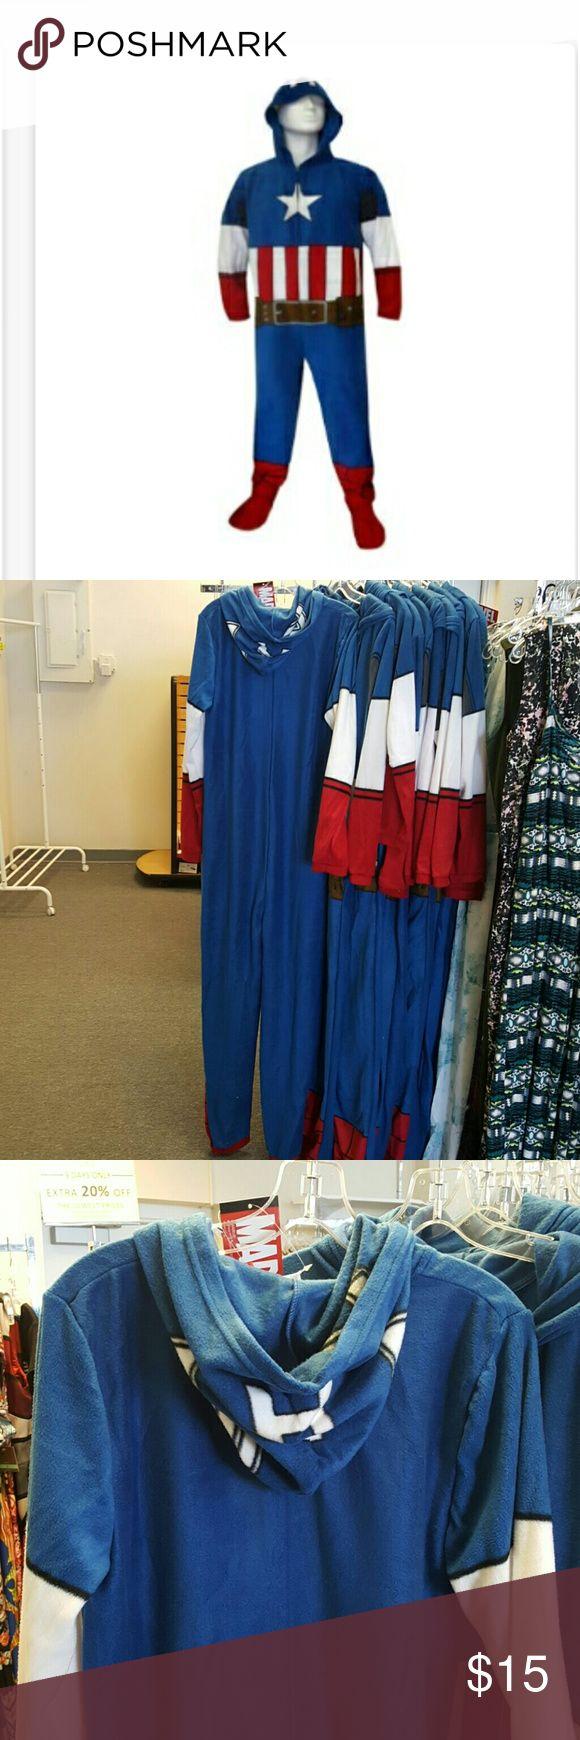 Capital America Pajamas Men's Loungewear- Footie Pajamas .... Marvel Comics Captain America Hooded Masked Onesie Pajama. Marvel Other